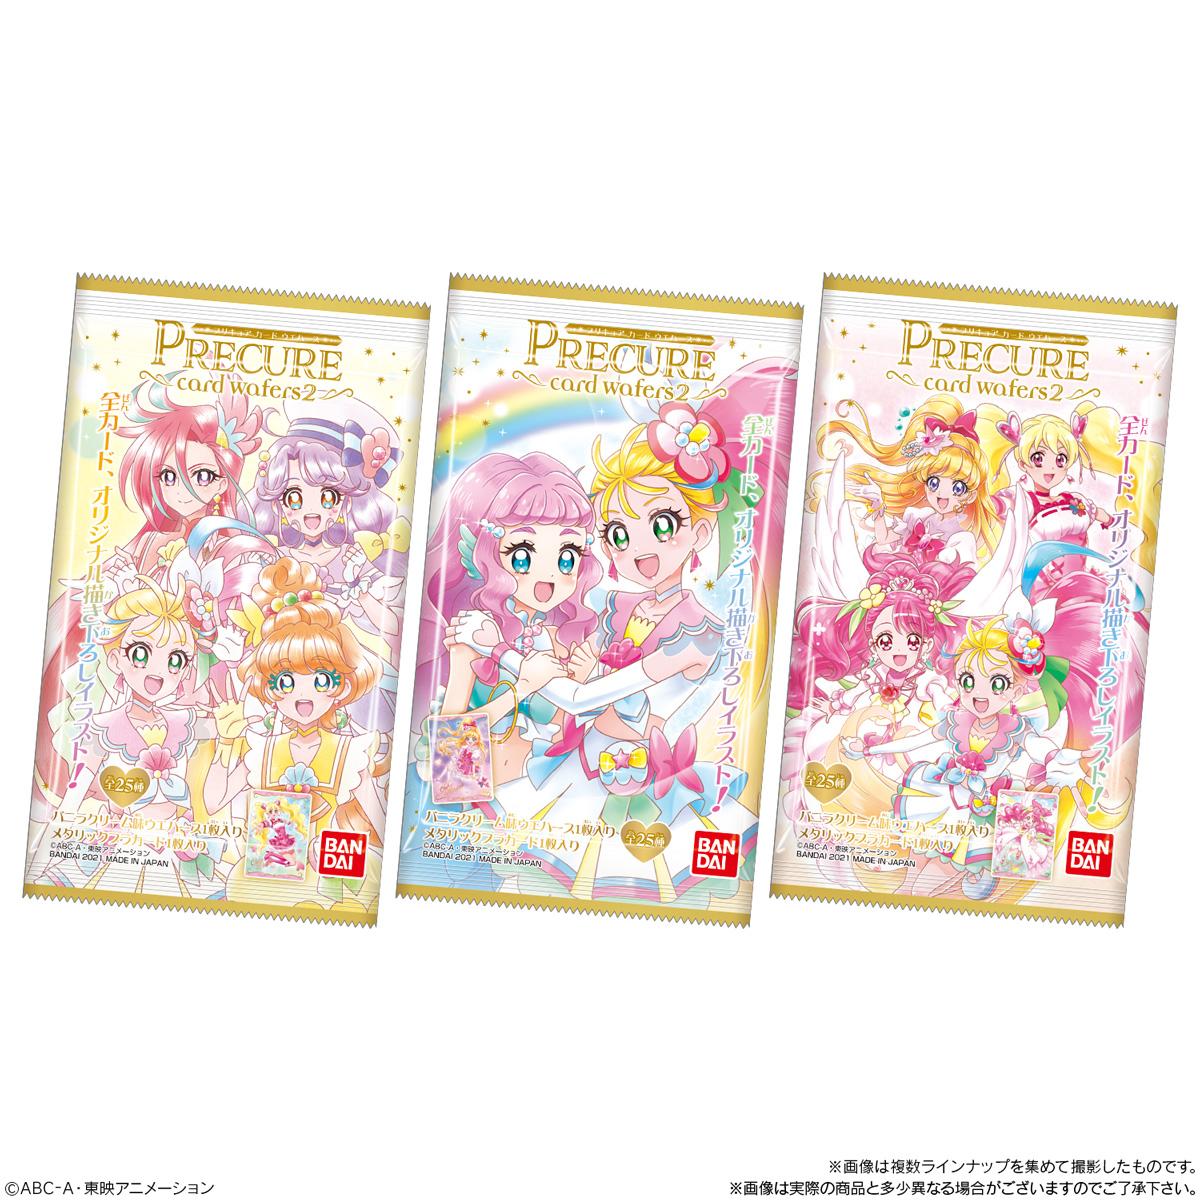 【食玩】プリキュア『プリキュア カードウエハース2』20個入りBOX-008